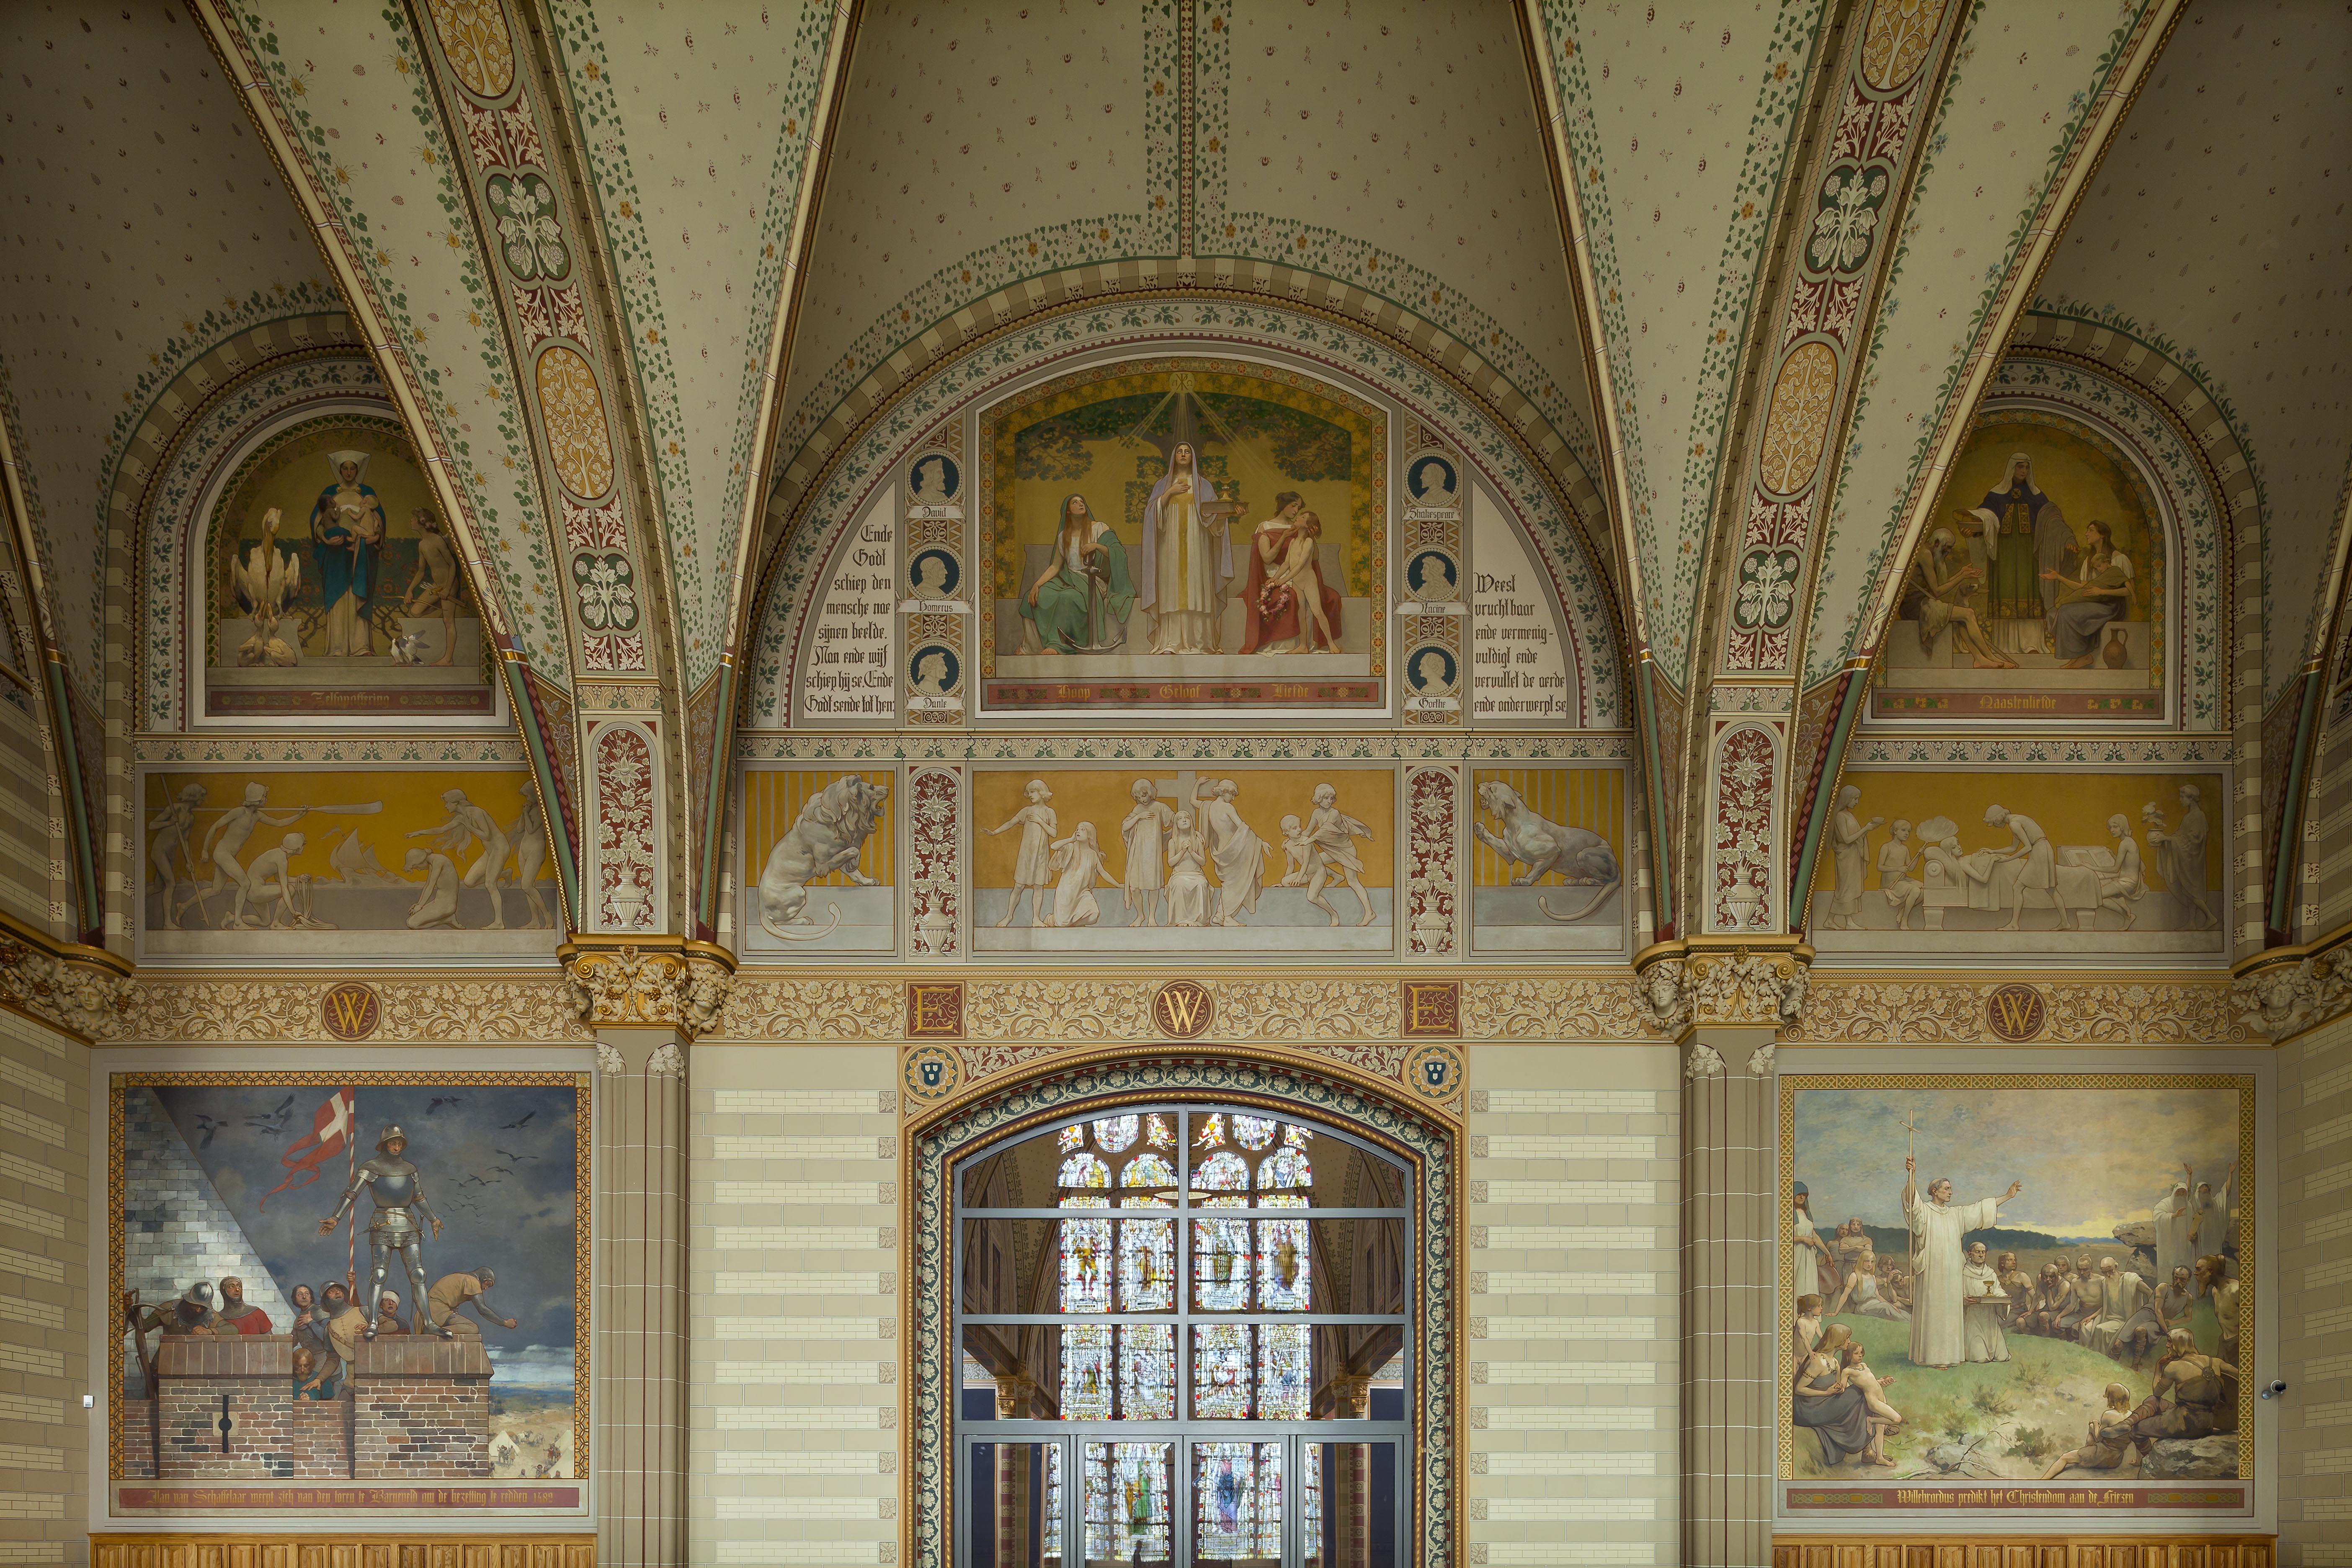 Schilderingen van Georg Sturm in de Grote Hal